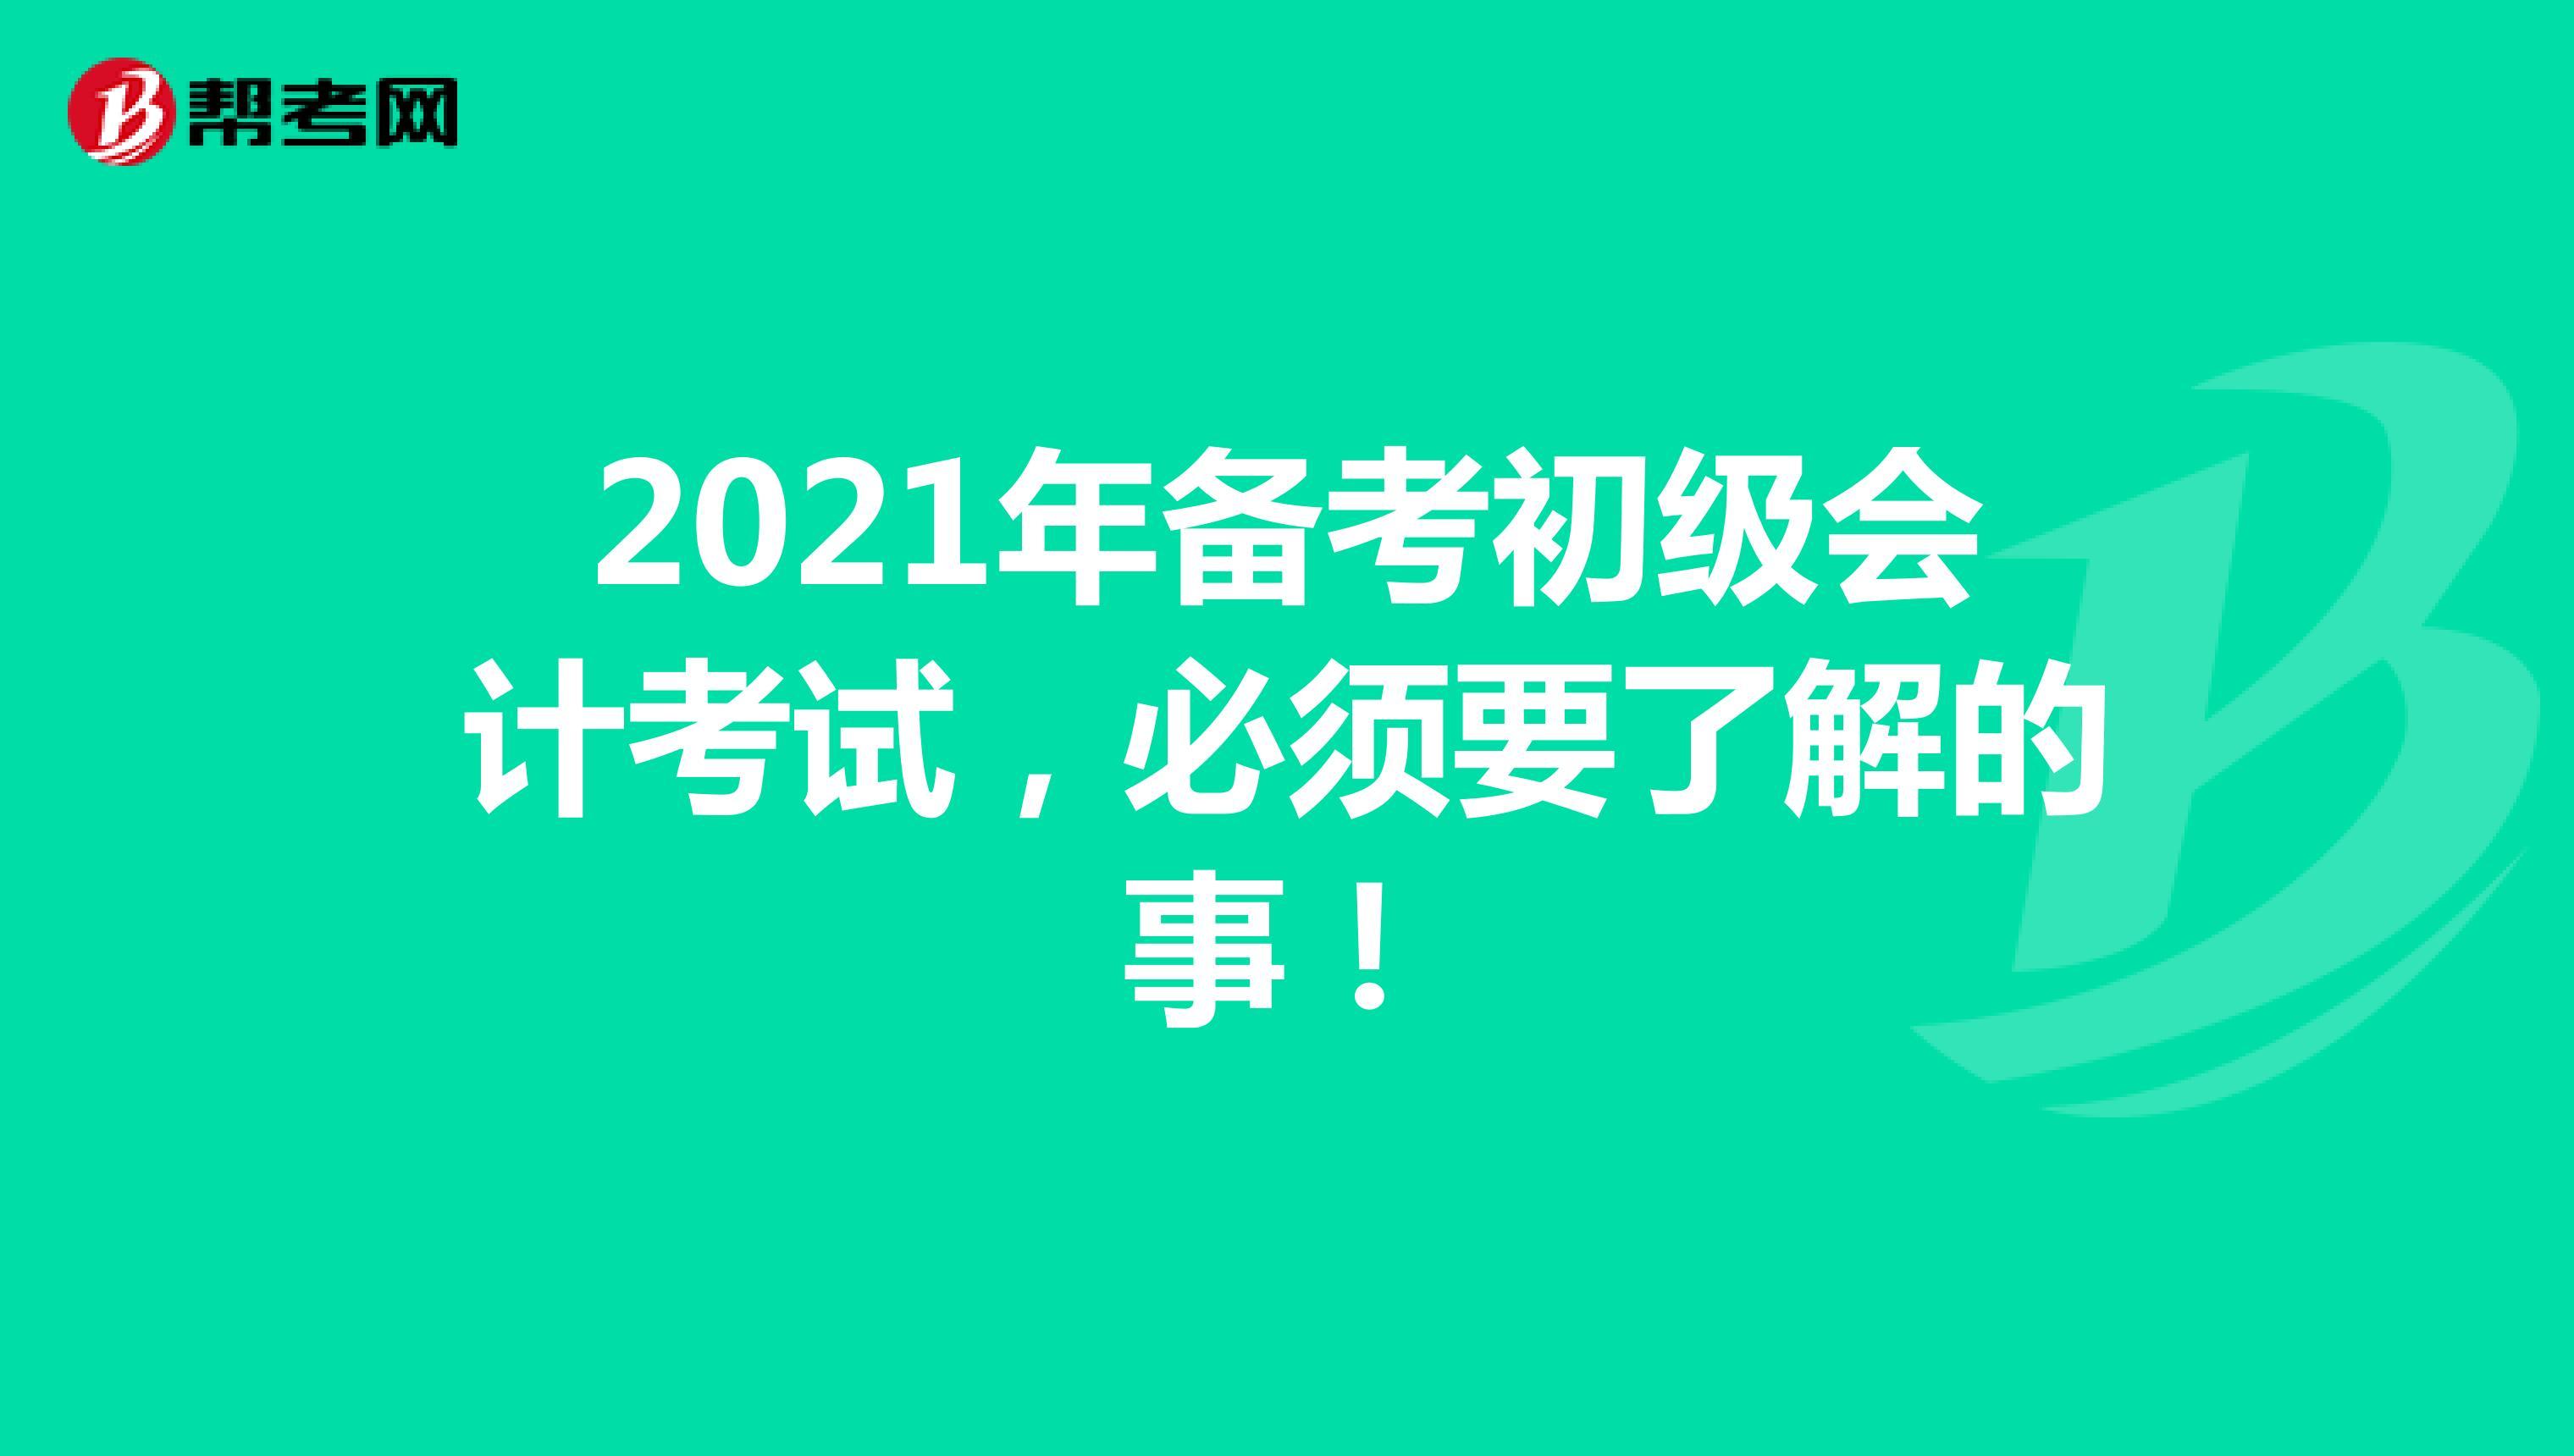 2021年备考初级会计考试,必须要了解的事!